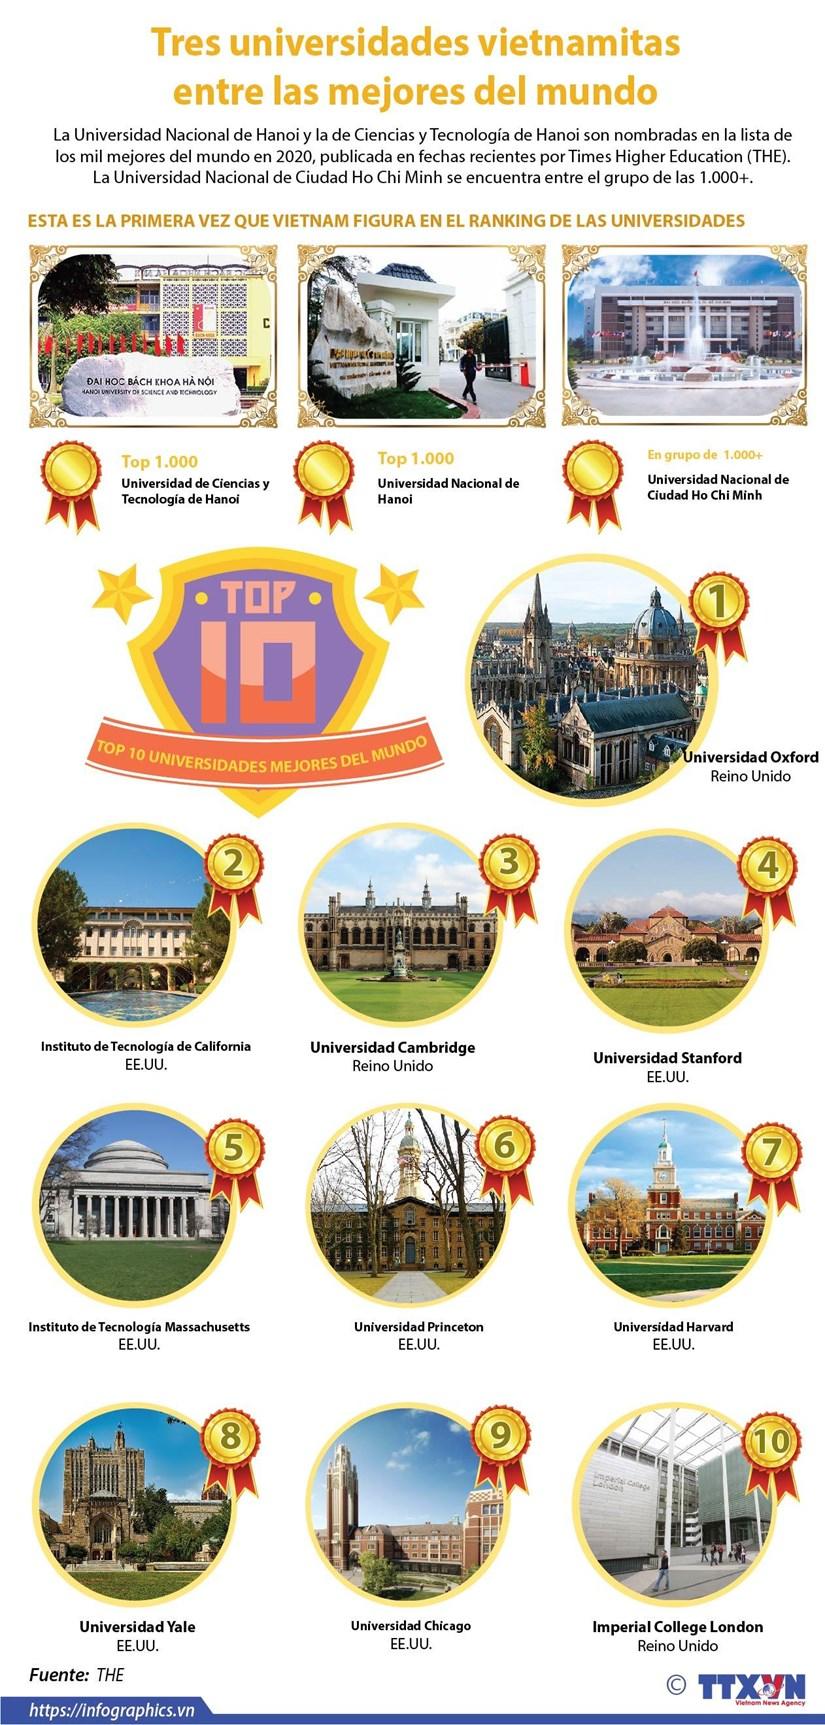 [Info] Tres universidades vietnamitas incluidas en el Ranking Mundial hinh anh 1